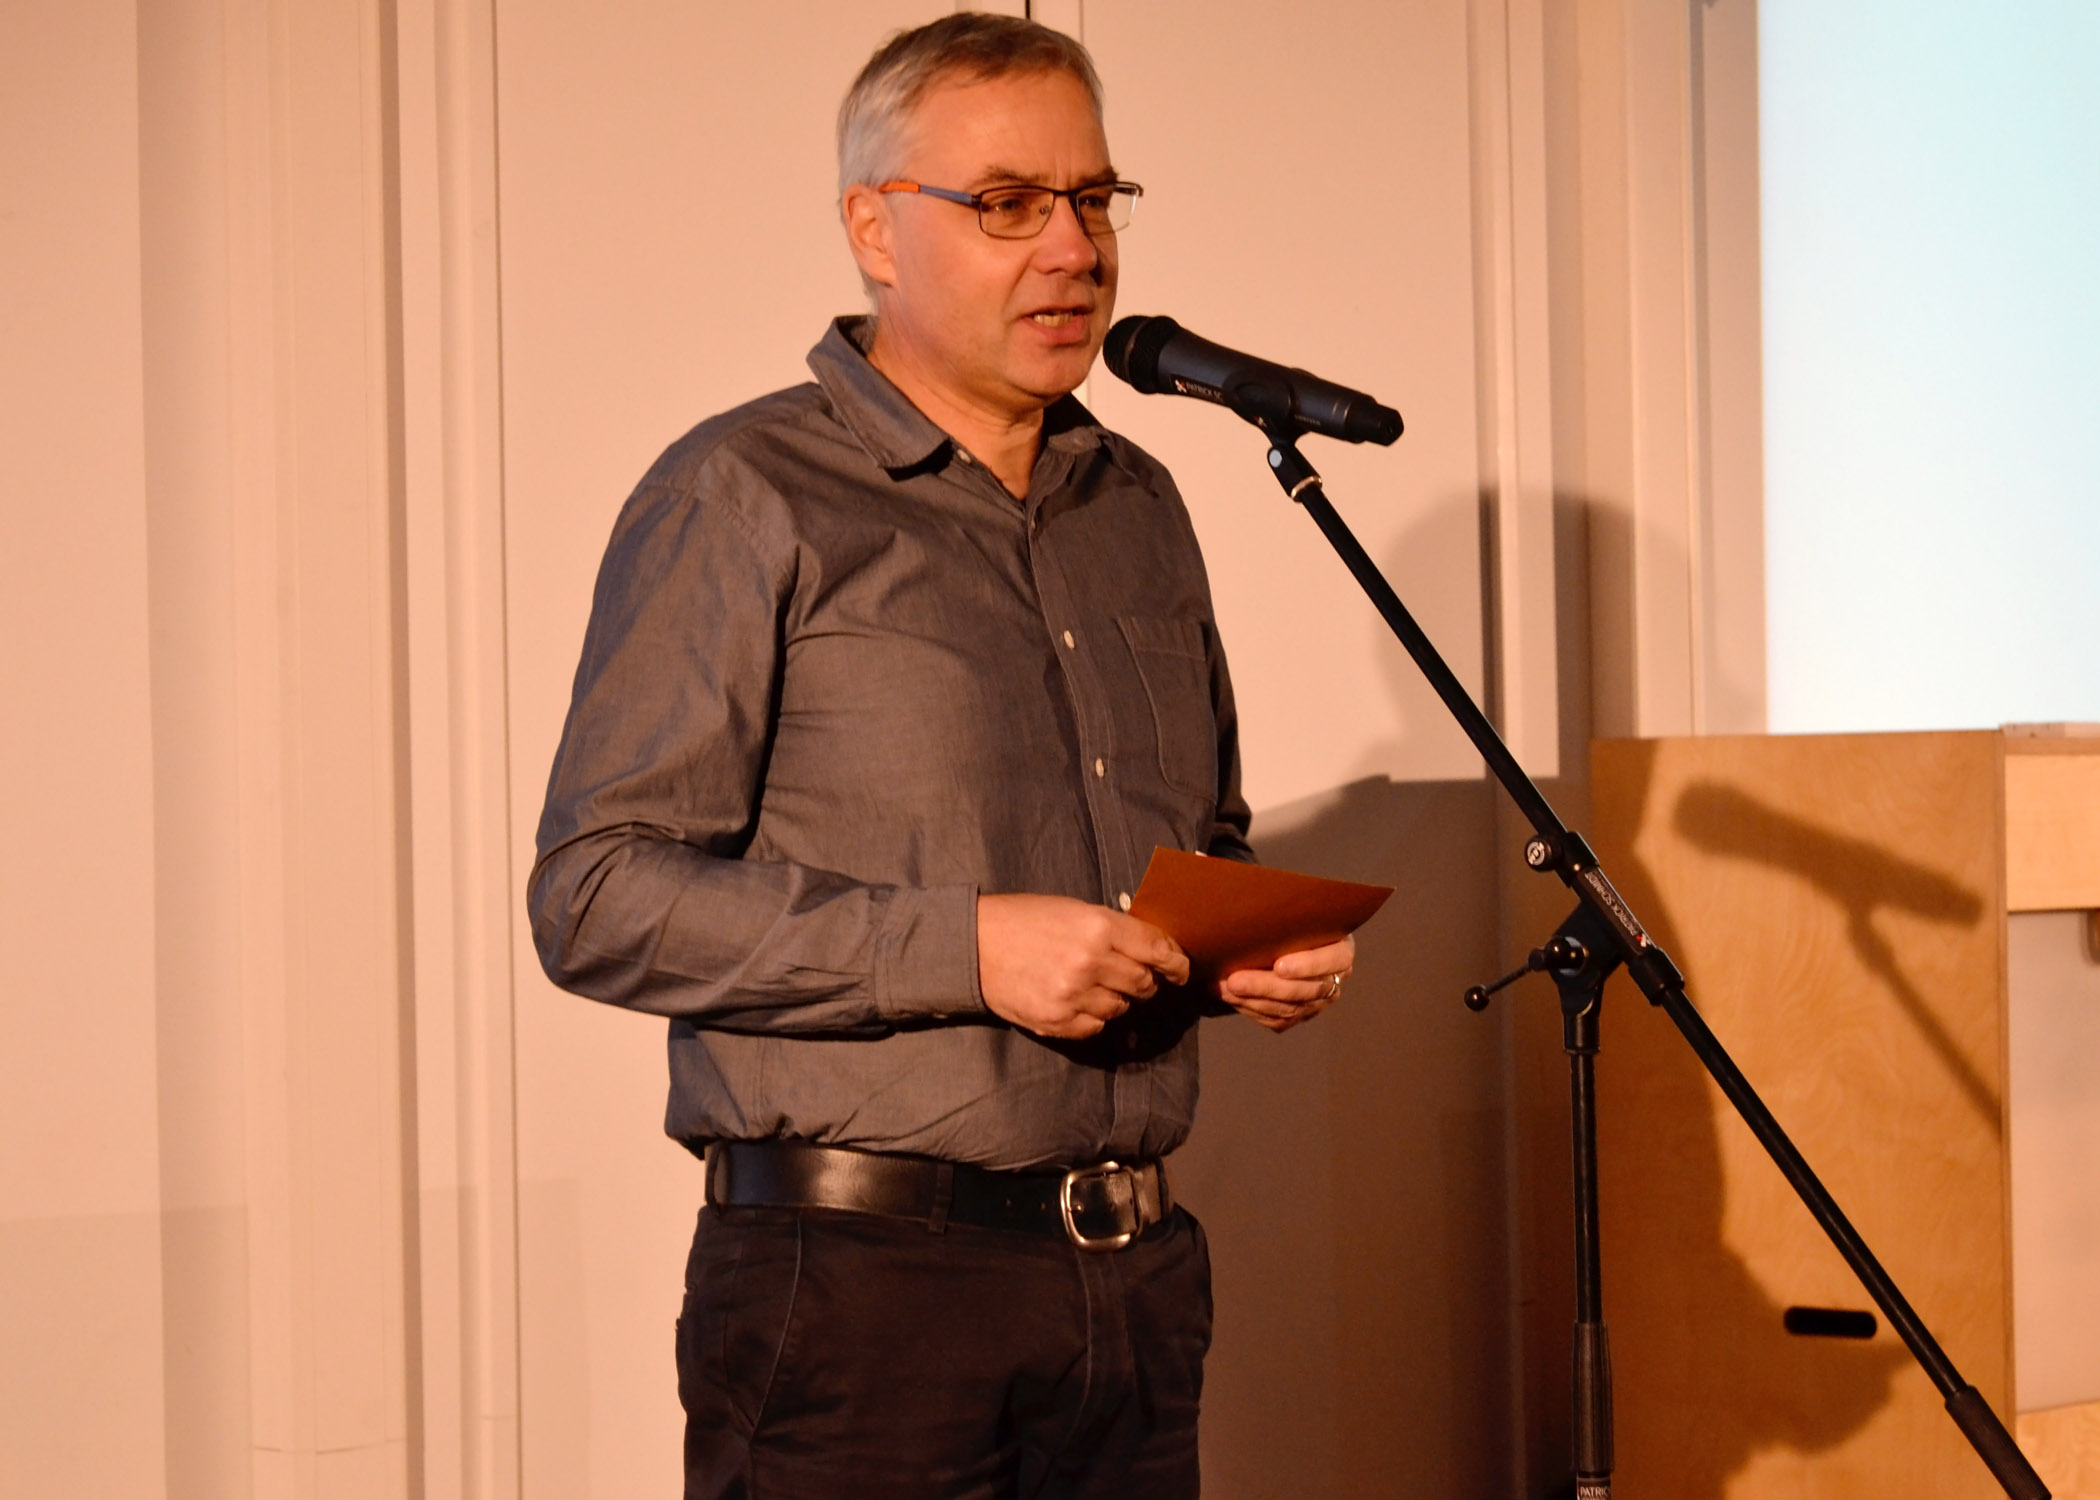 Studienberater Stefan Ostler war der erste der dreiköpfigen Jury, der einen der HMKWARDs überreichte.